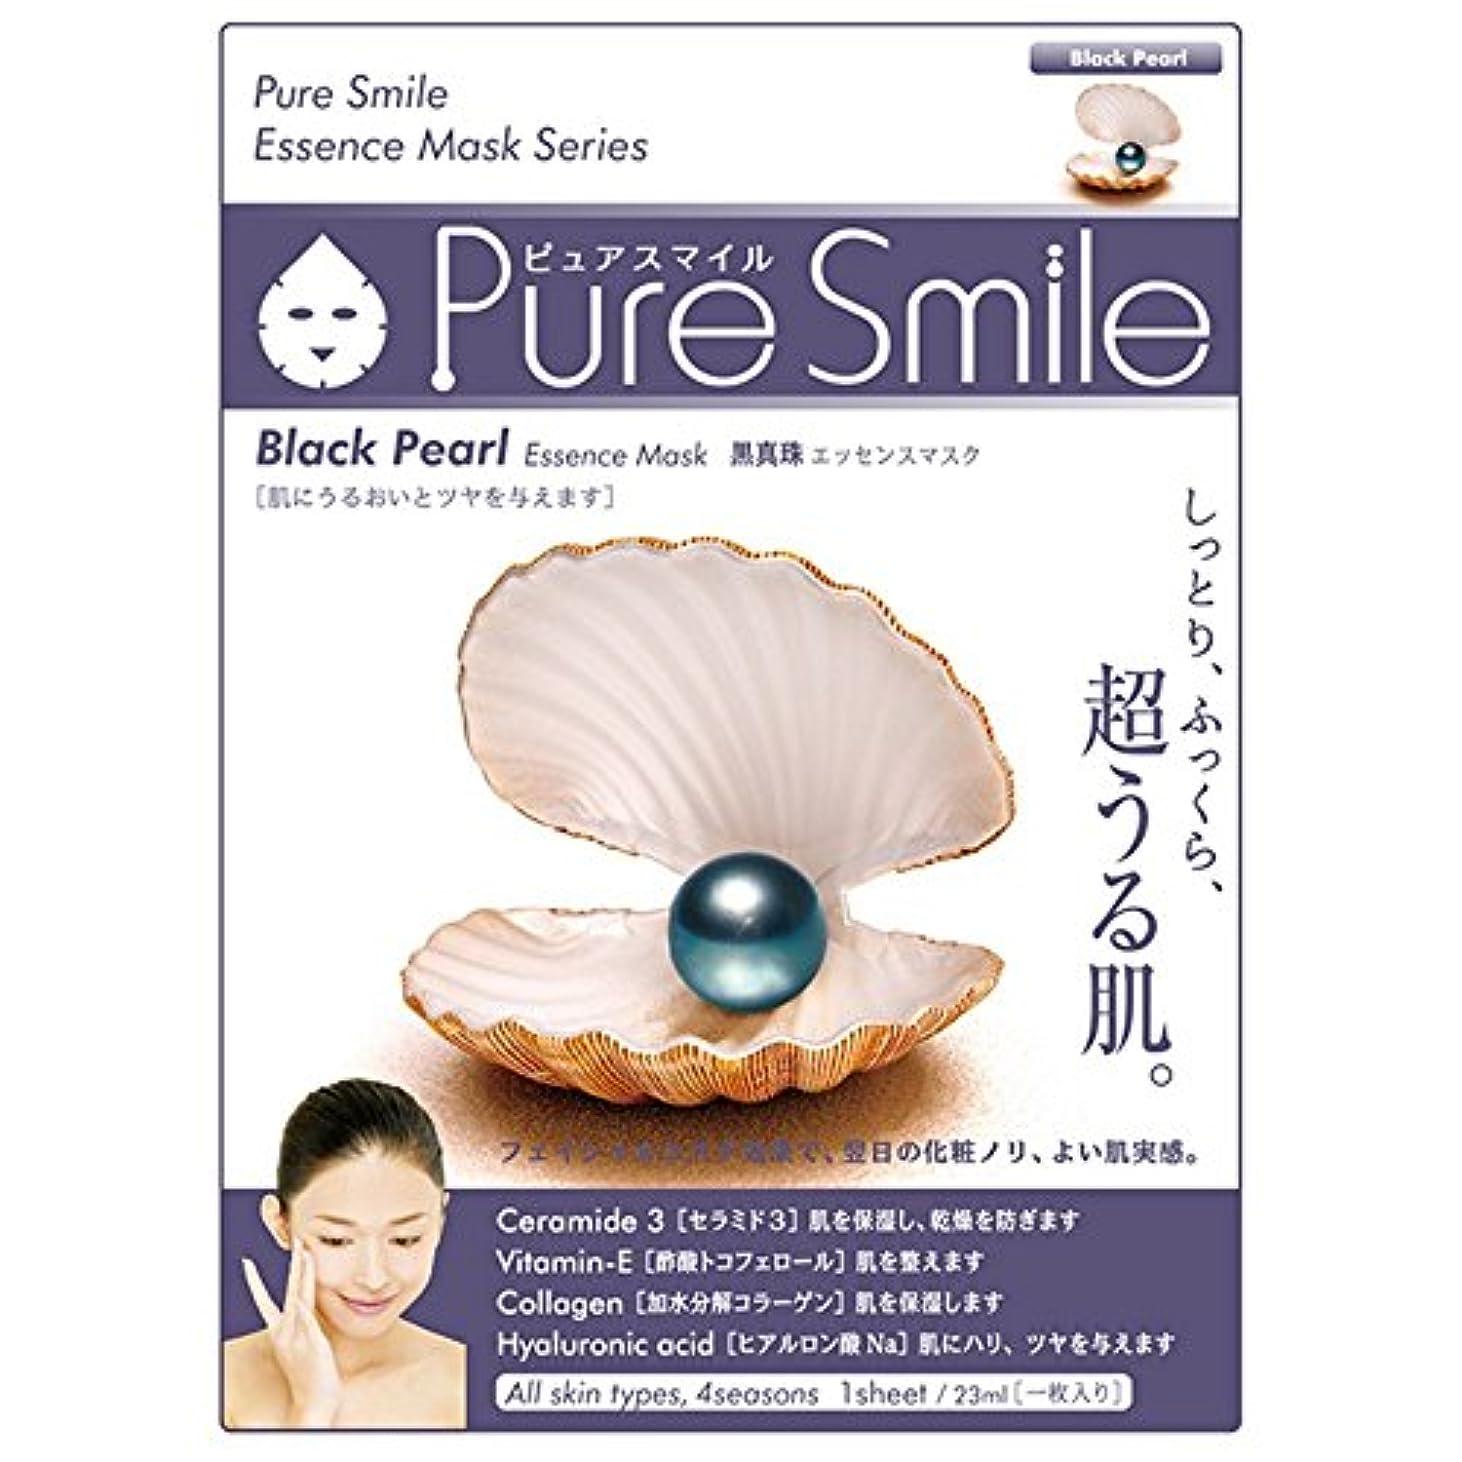 ワークショップカトリック教徒ブランデーPure Smile(ピュアスマイル) 乳液エッセンスマスク 1 枚 黒真珠